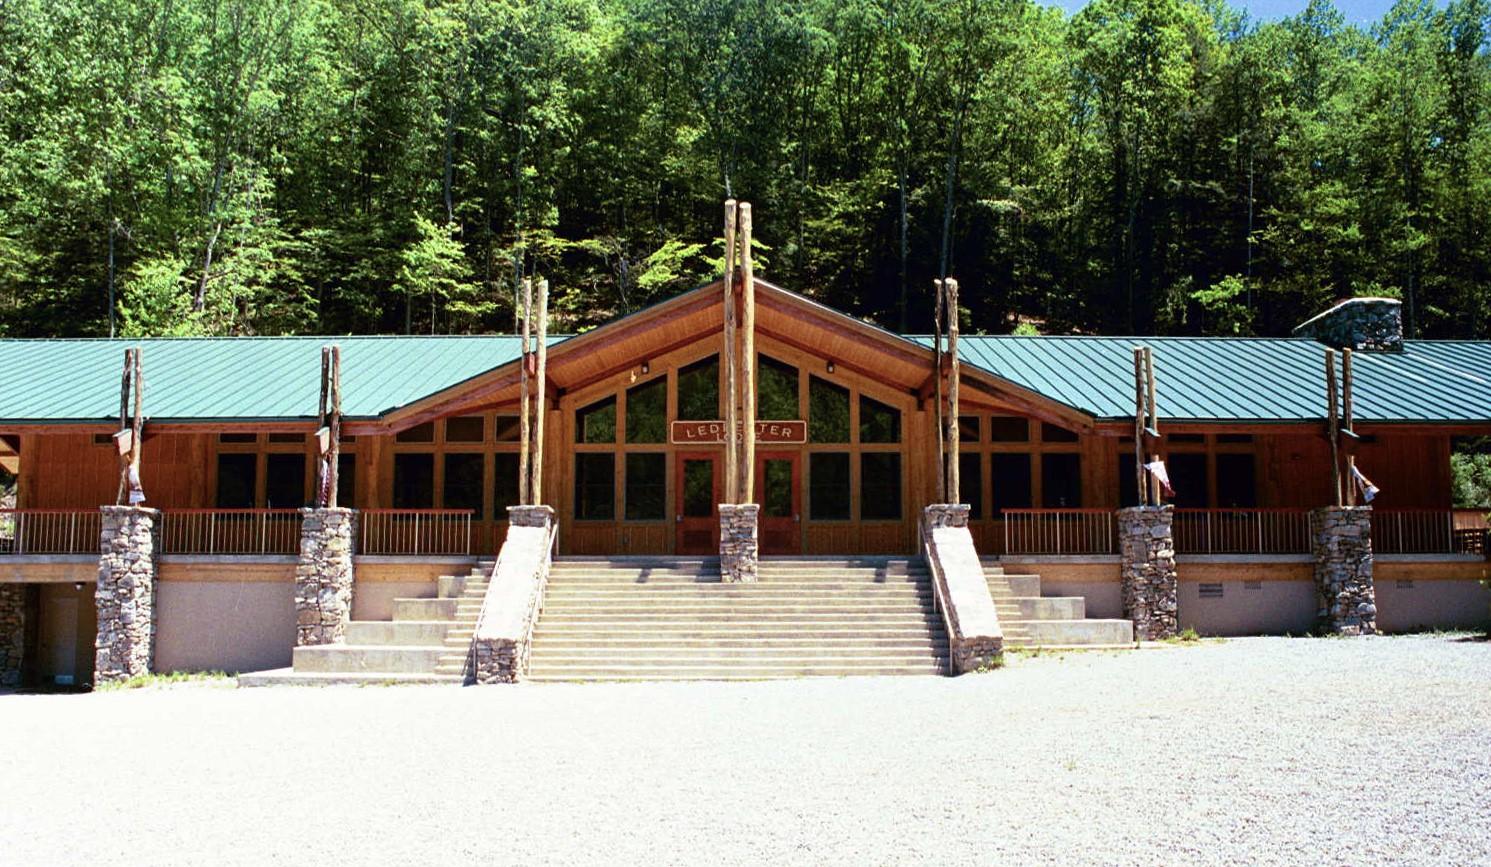 Carleton Collins - Ledbetter Lodge Front Entrance